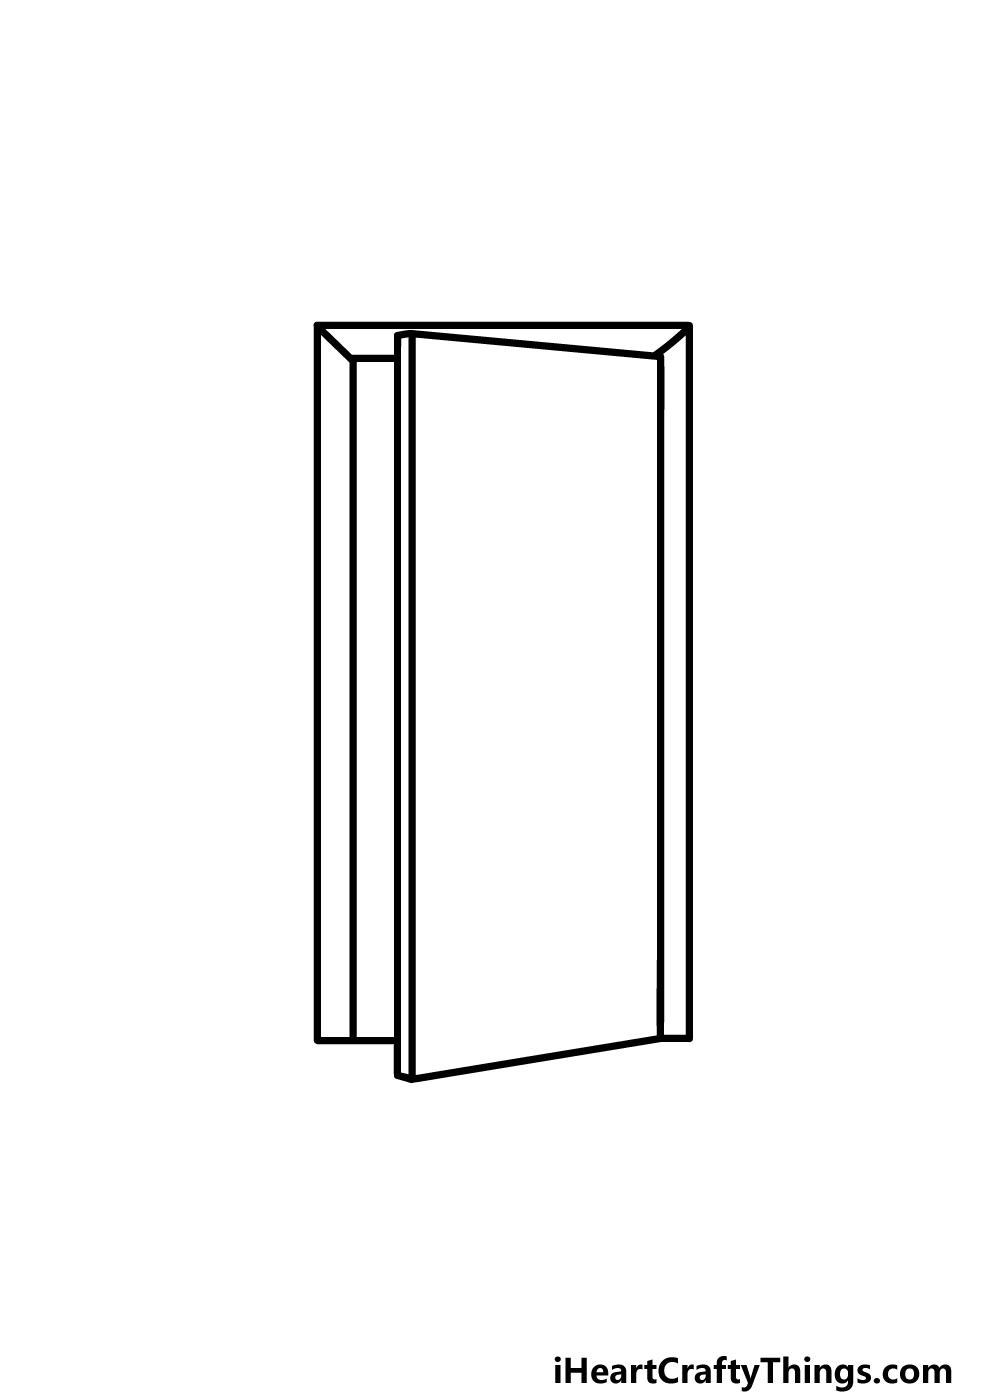 drawing a door step 3